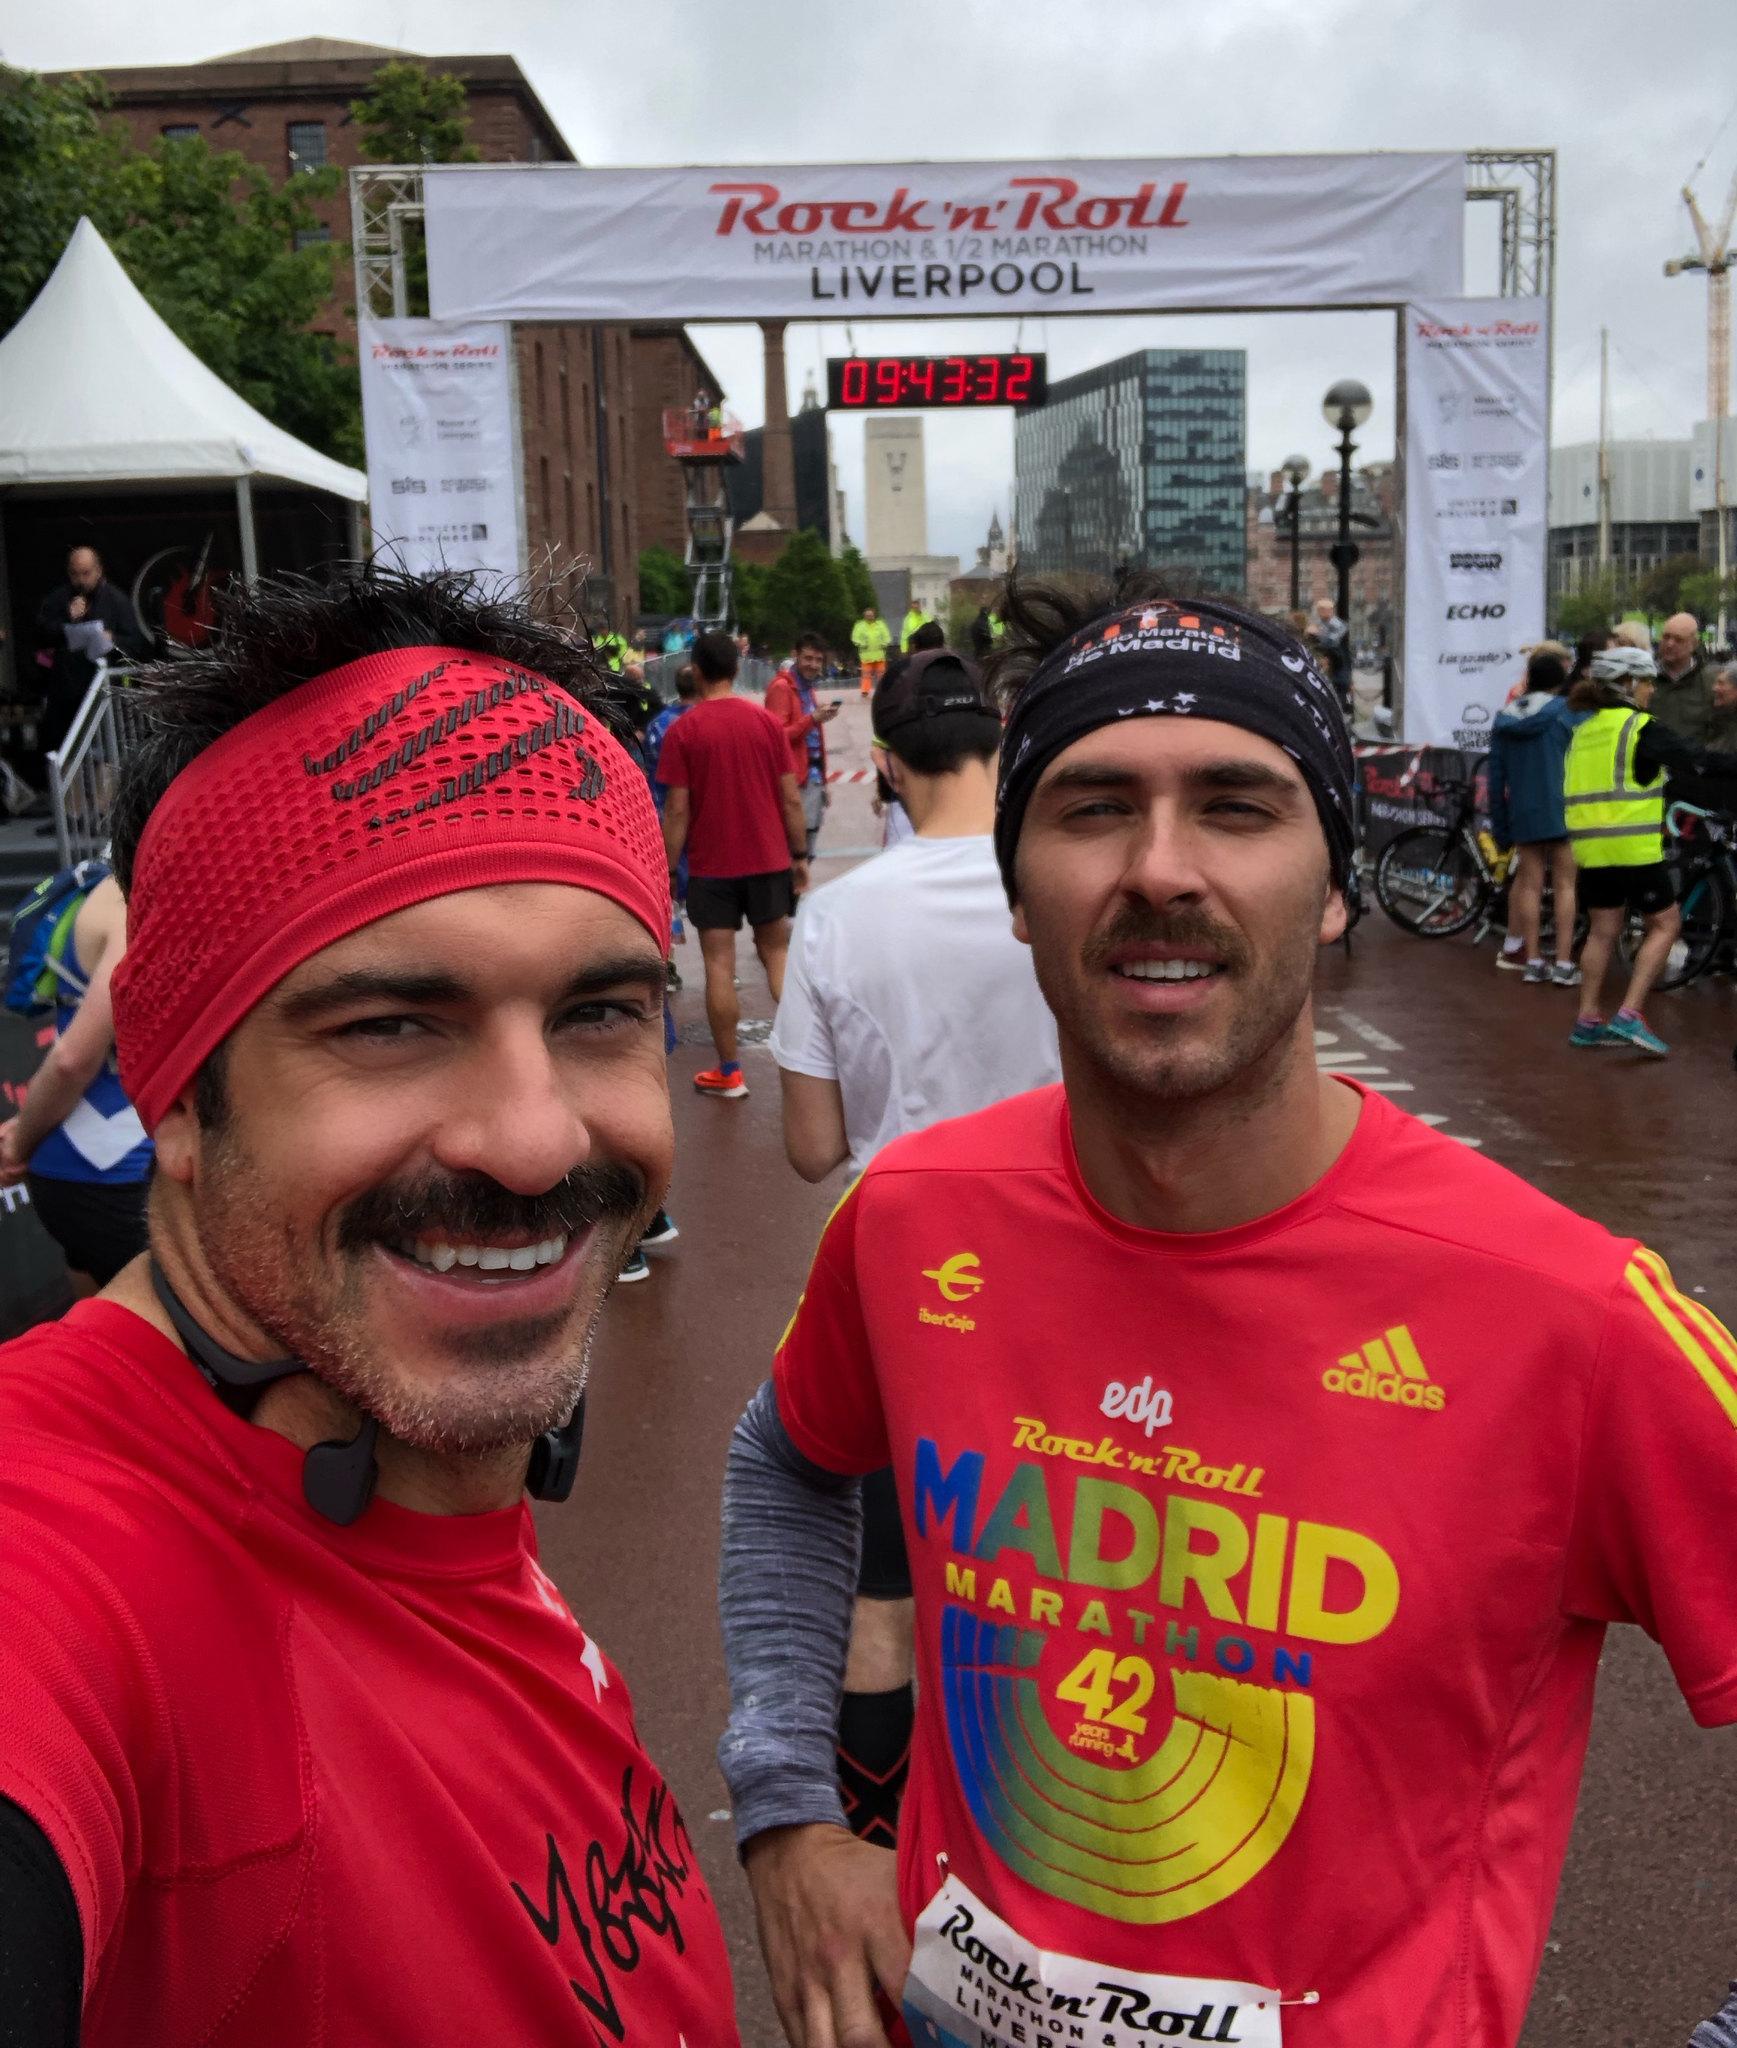 Maratón de Liverpool, Marathon maratón de liverpool - 48687601606 98b949140f k - Maratón de Liverpool: análisis, recorrido, entrenamiento y recomendaciones de viaje